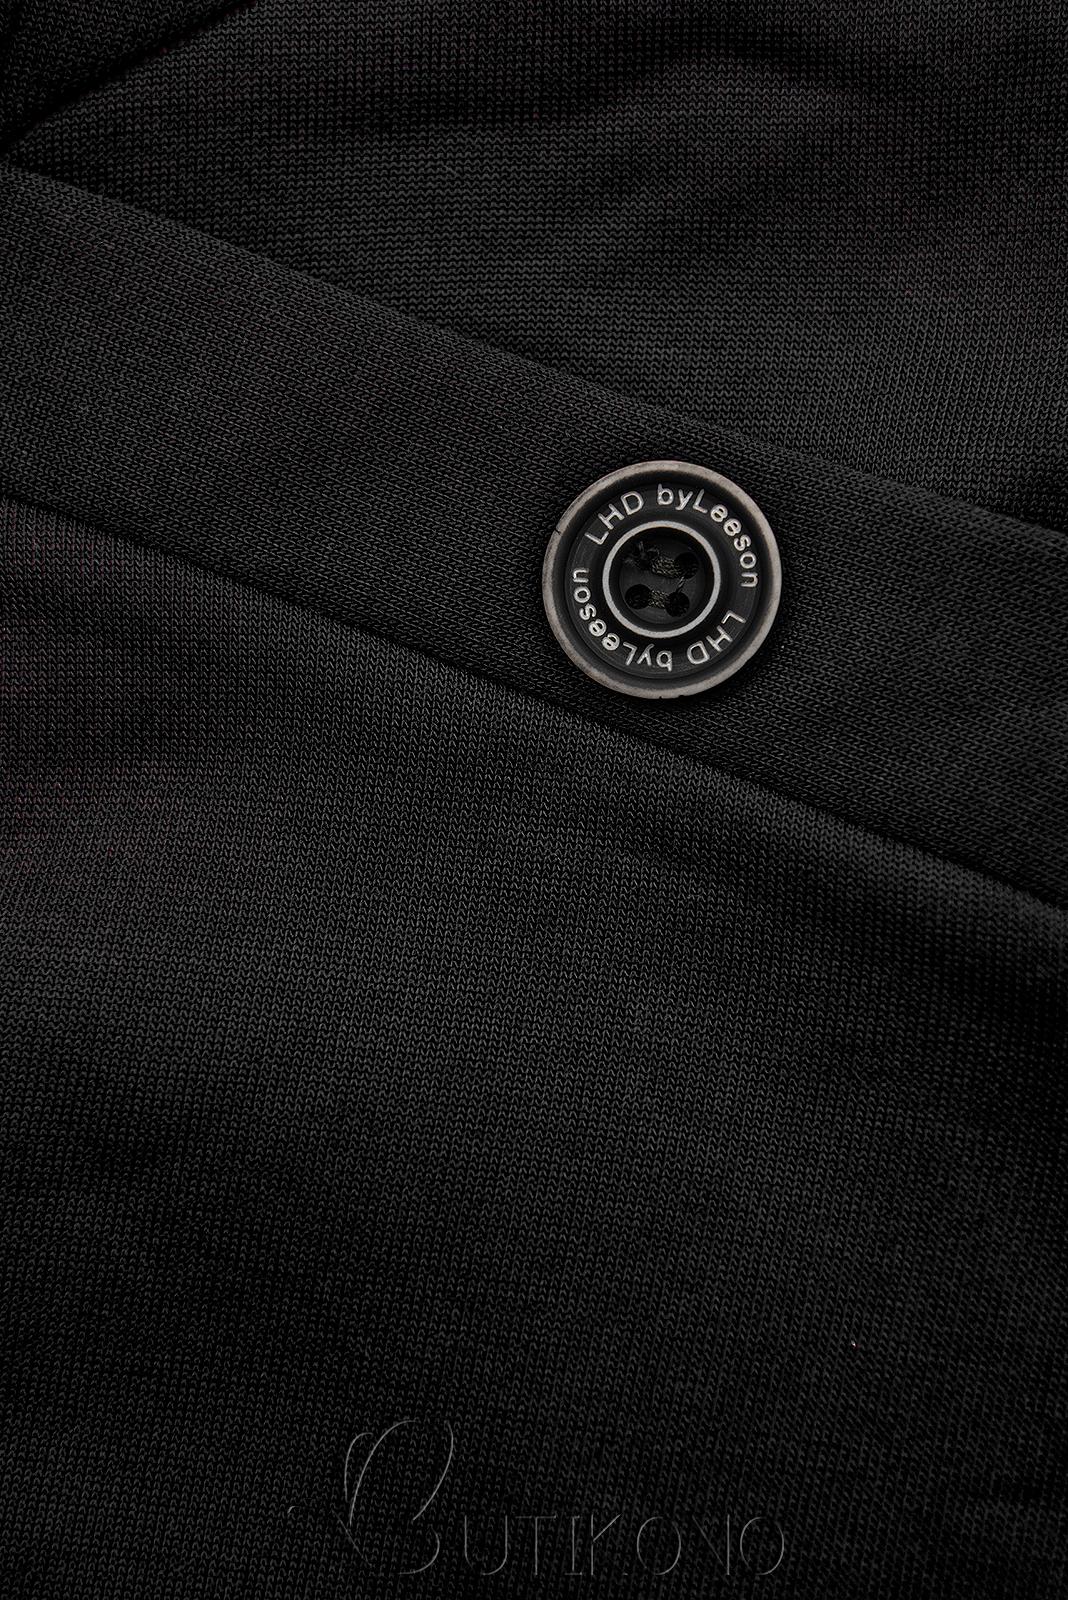 Černá mikina se vzorovanou kapucí